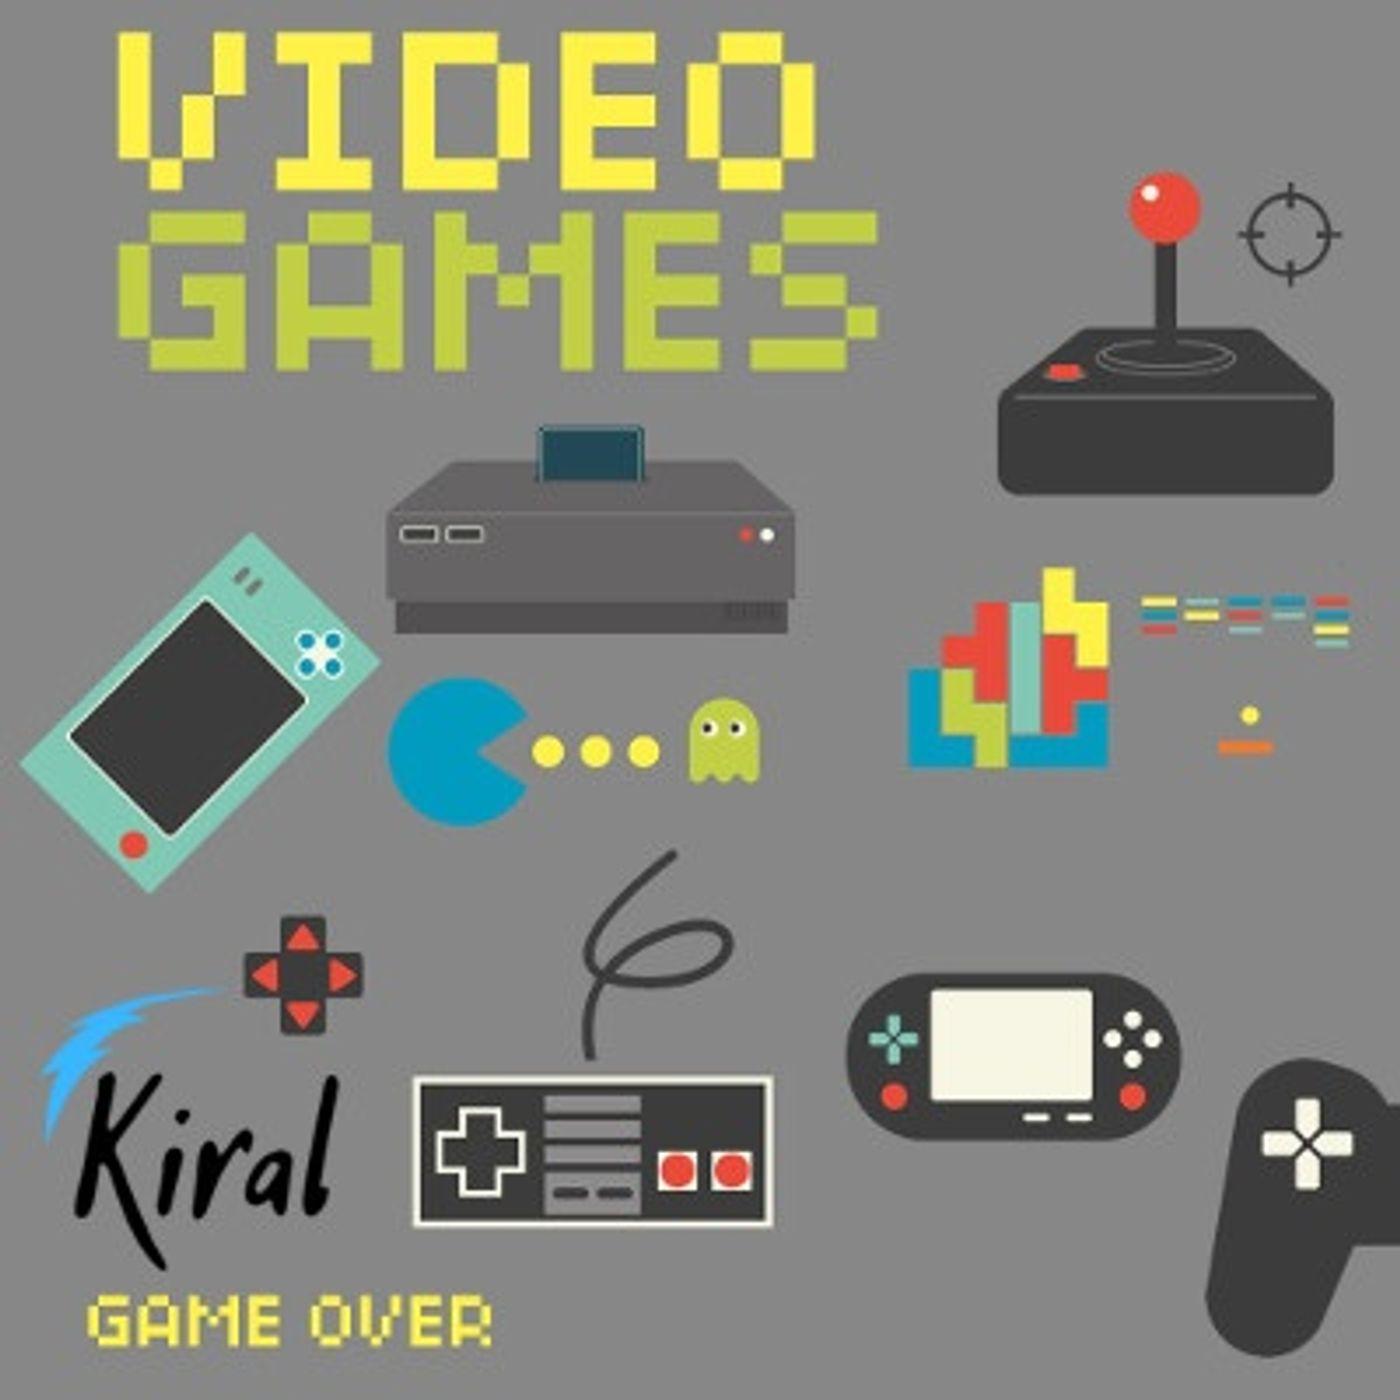 Il Dizionario semiserio del Videogiocatore (ver. 2.0)